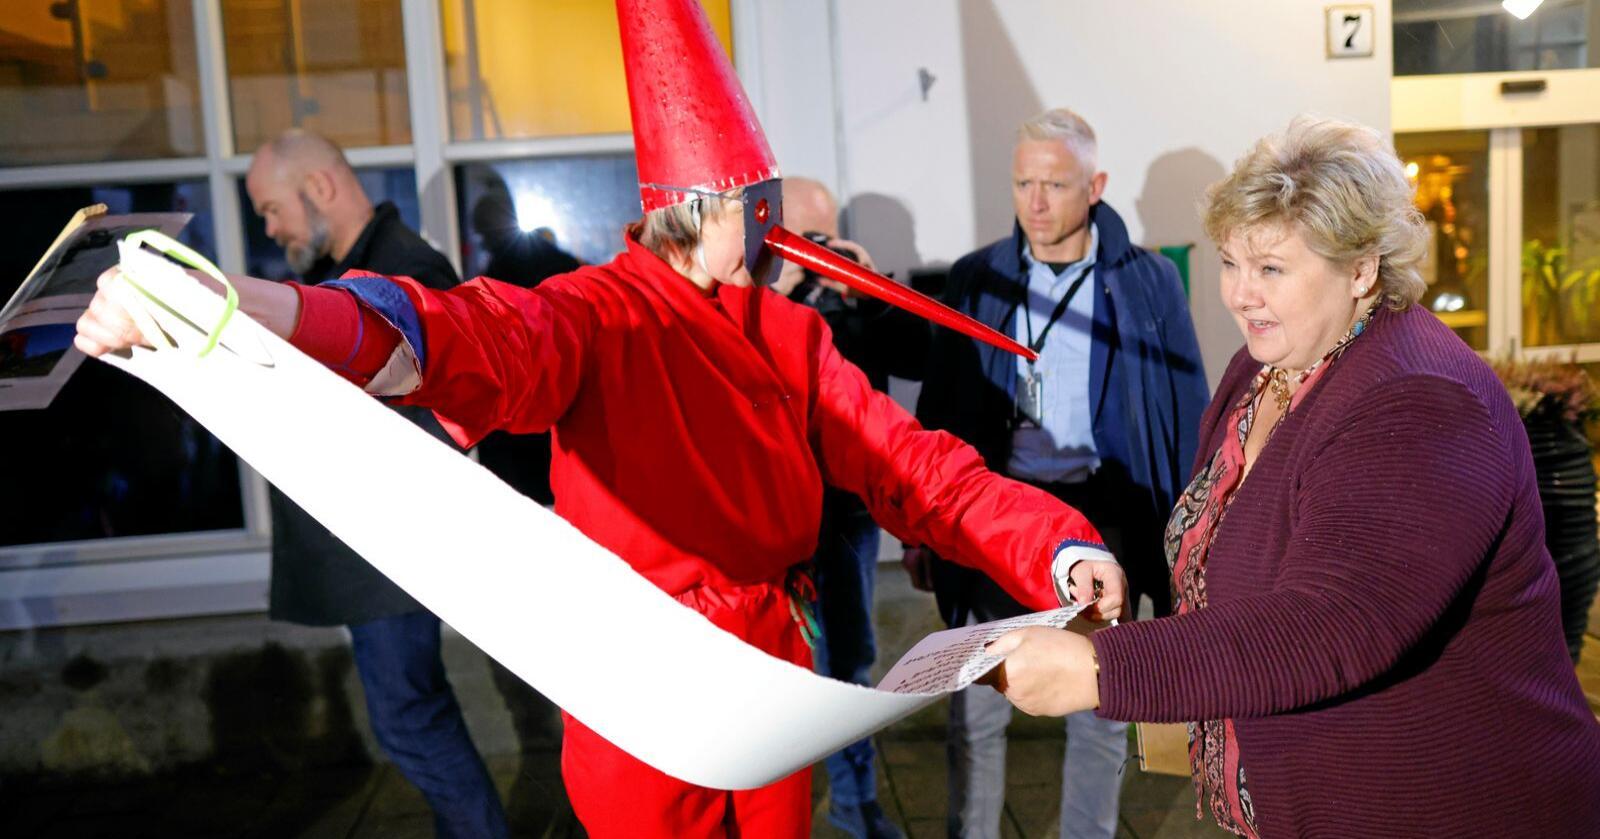 """Protesterer: Statsminister Erna Solberg møter aksjonsgruppa """"Nei til vindkraftverk på Haramsøya"""" i Ålesund. Foto: Svein Ove Ekornesvåg / NTB"""